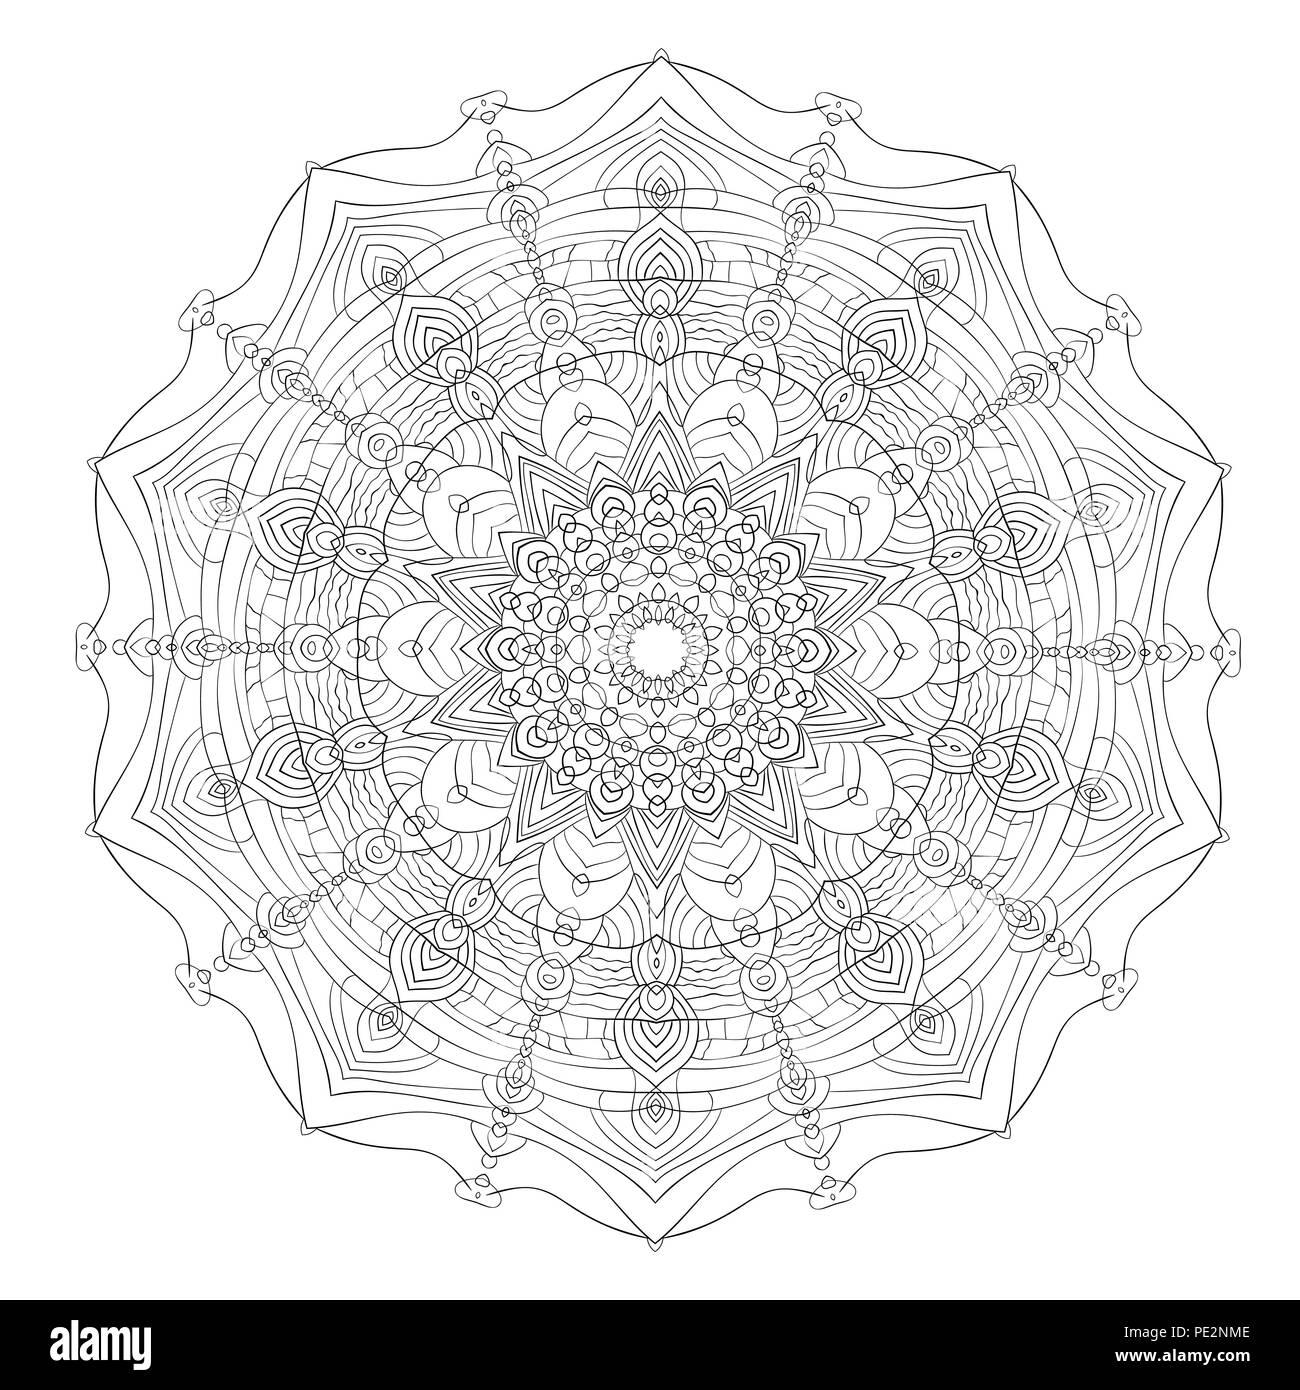 Coloriage Adulte Peinture.Mandala Noir Blanc Vintage Element Decoratif Coloriage Circulaire